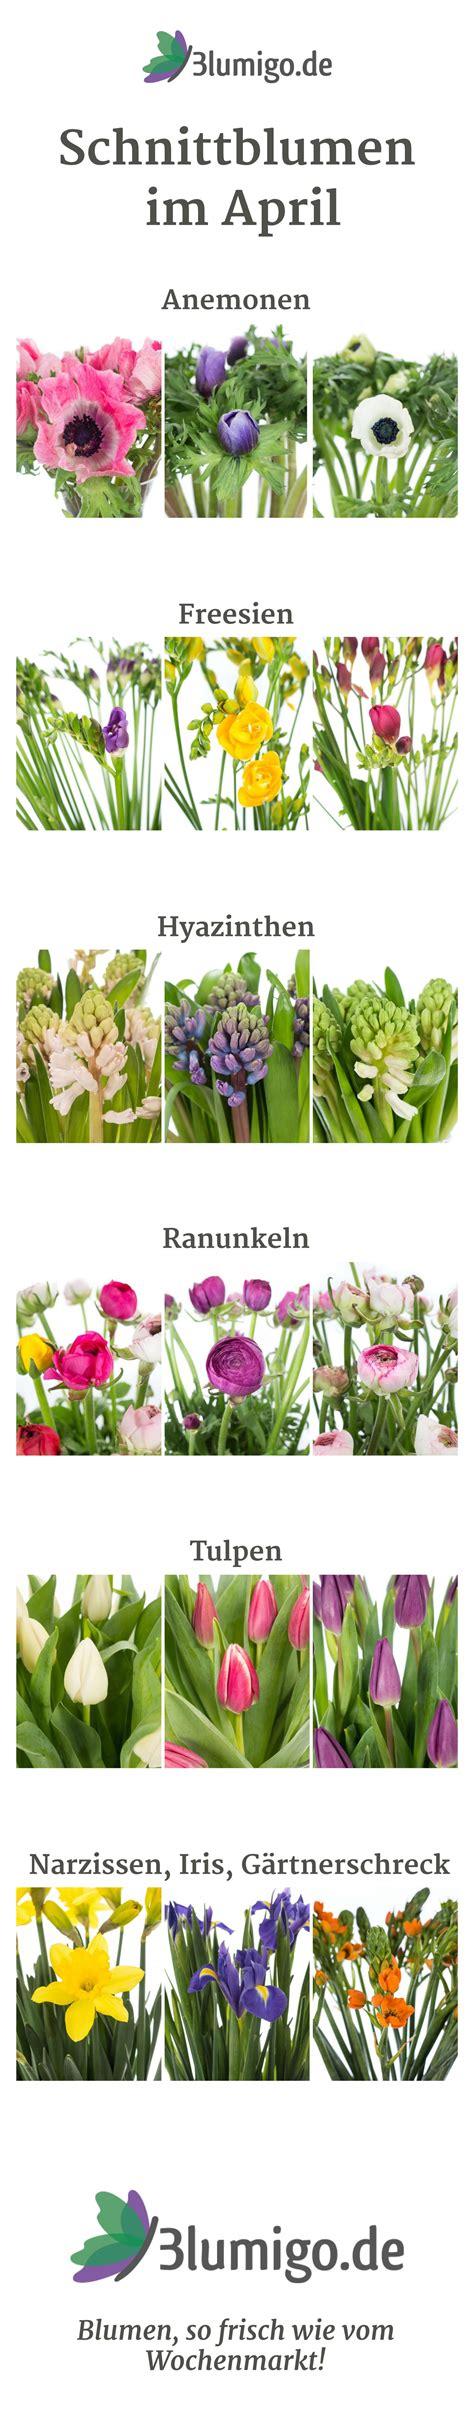 welche blumen gibt es im april schnittblumen saison